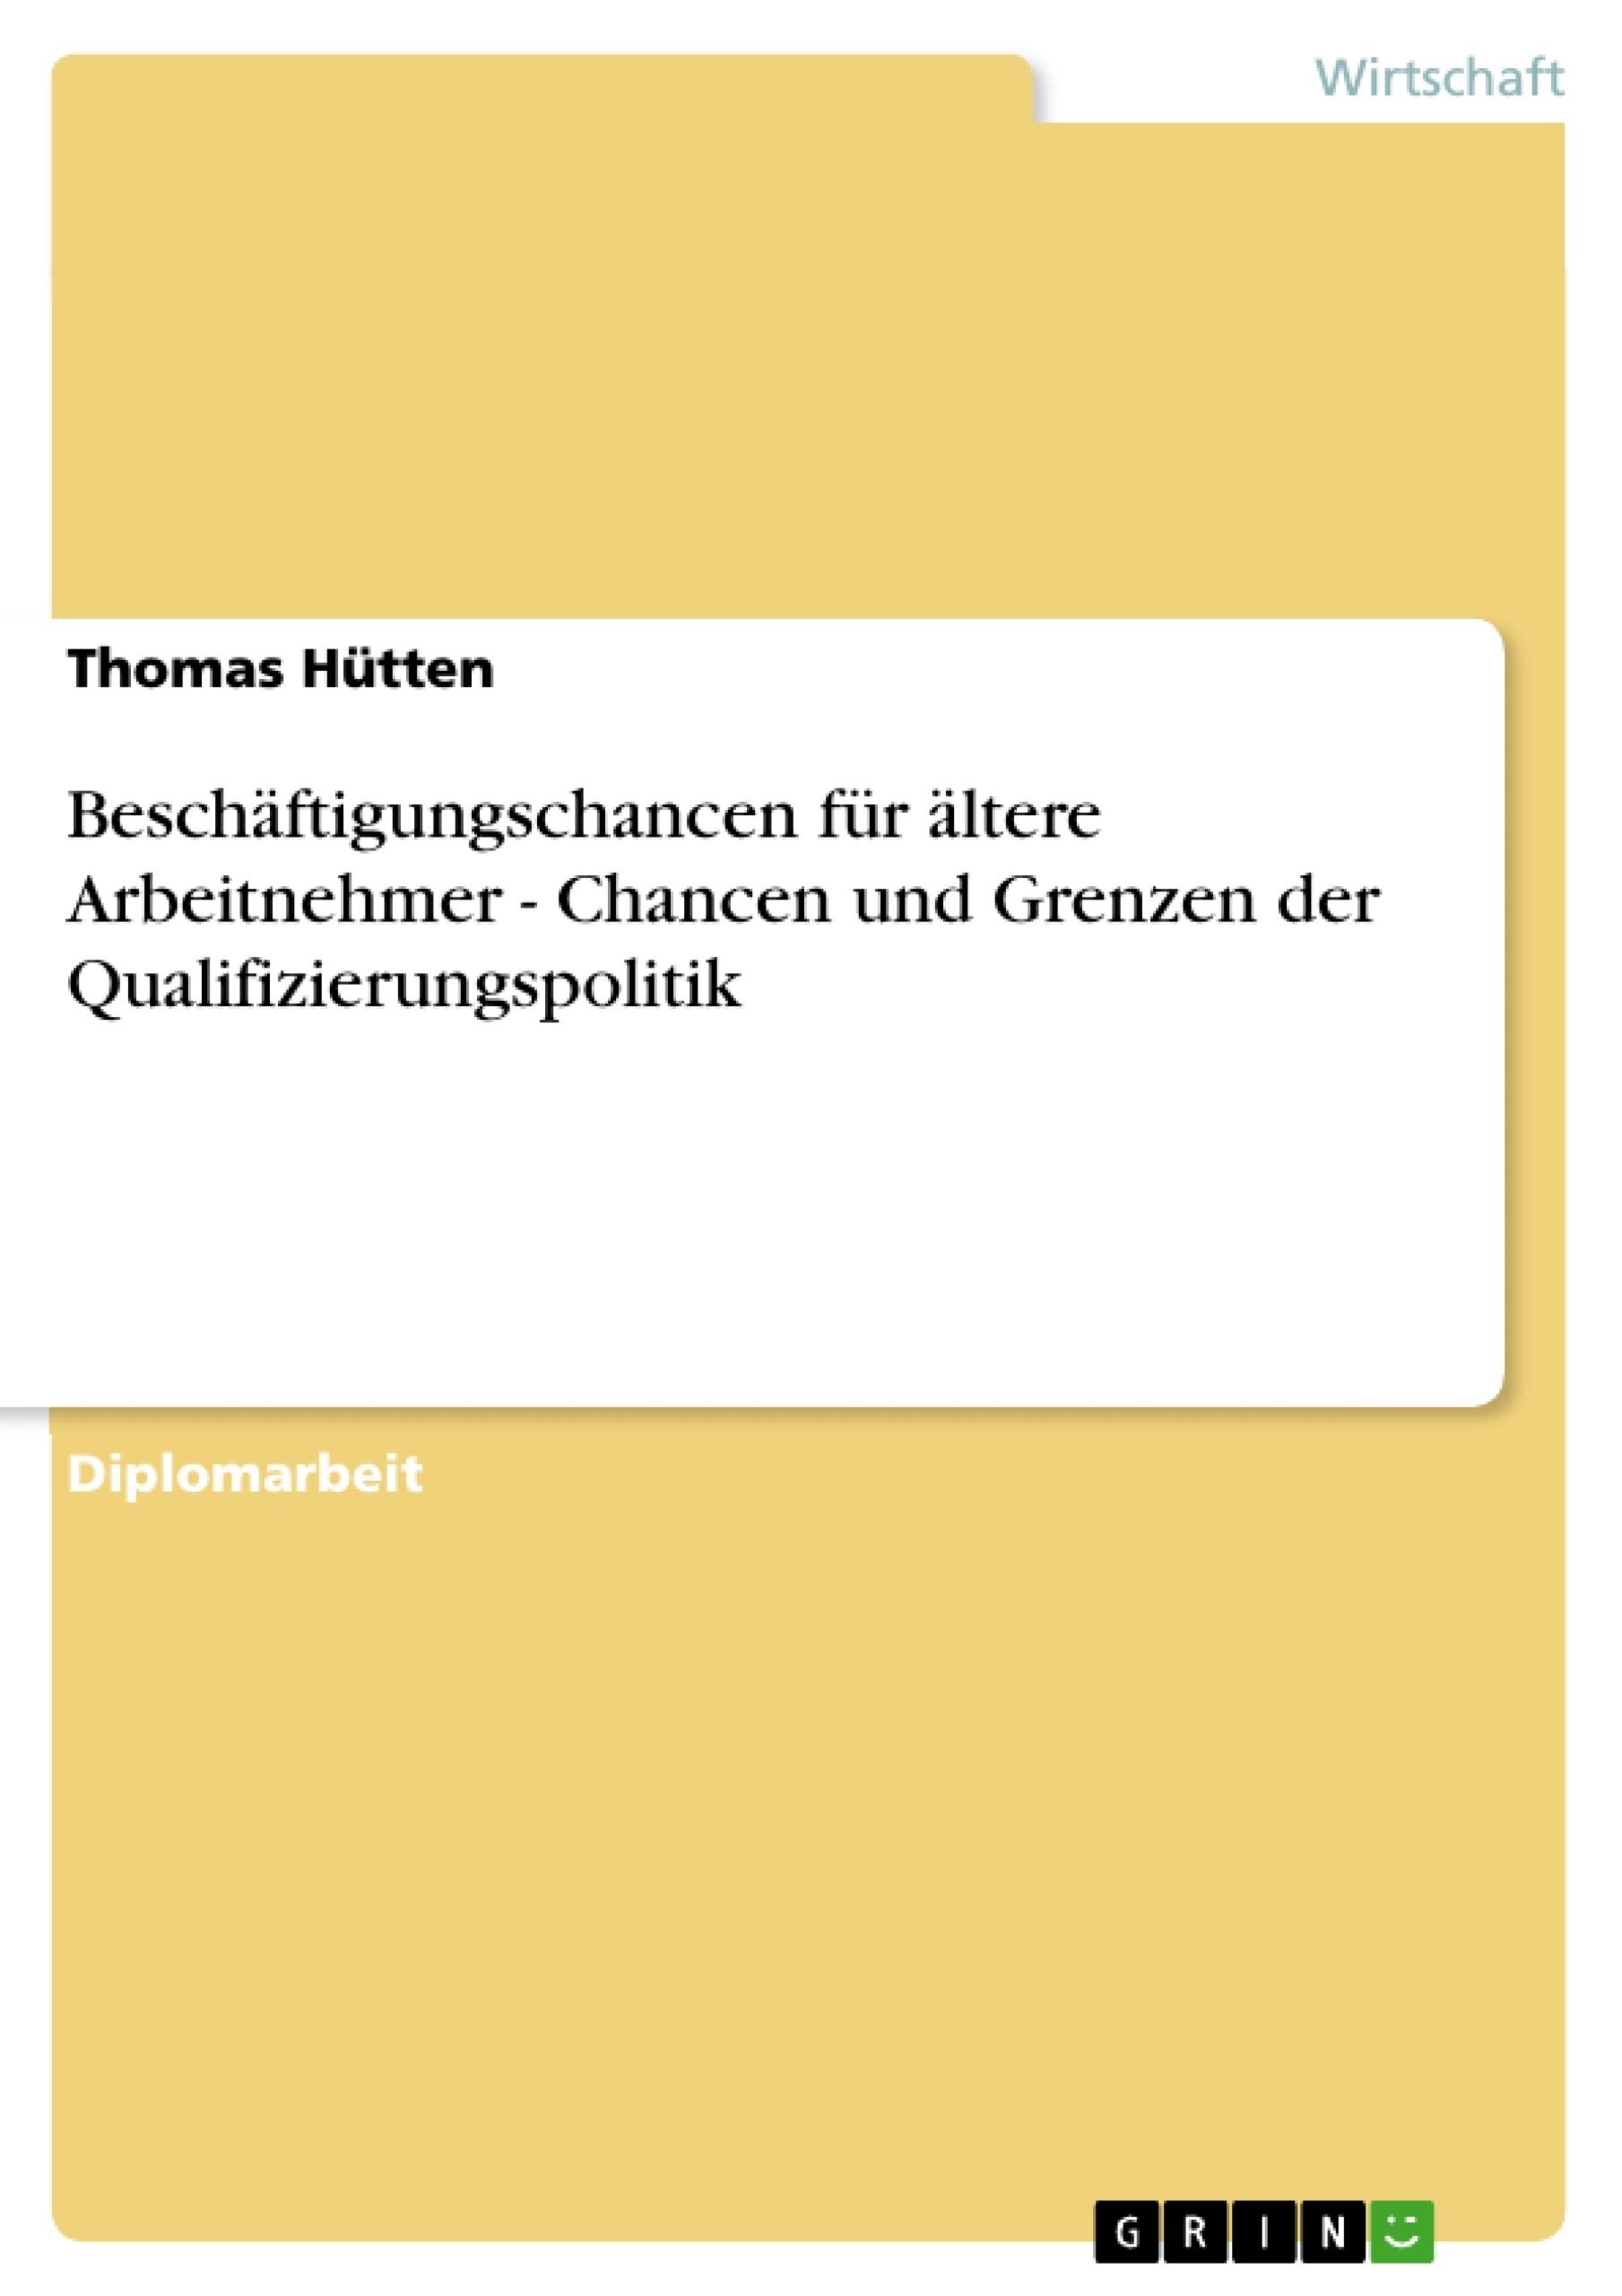 Titel: Beschäftigungschancen für ältere Arbeitnehmer - Chancen und Grenzen der Qualifizierungspolitik